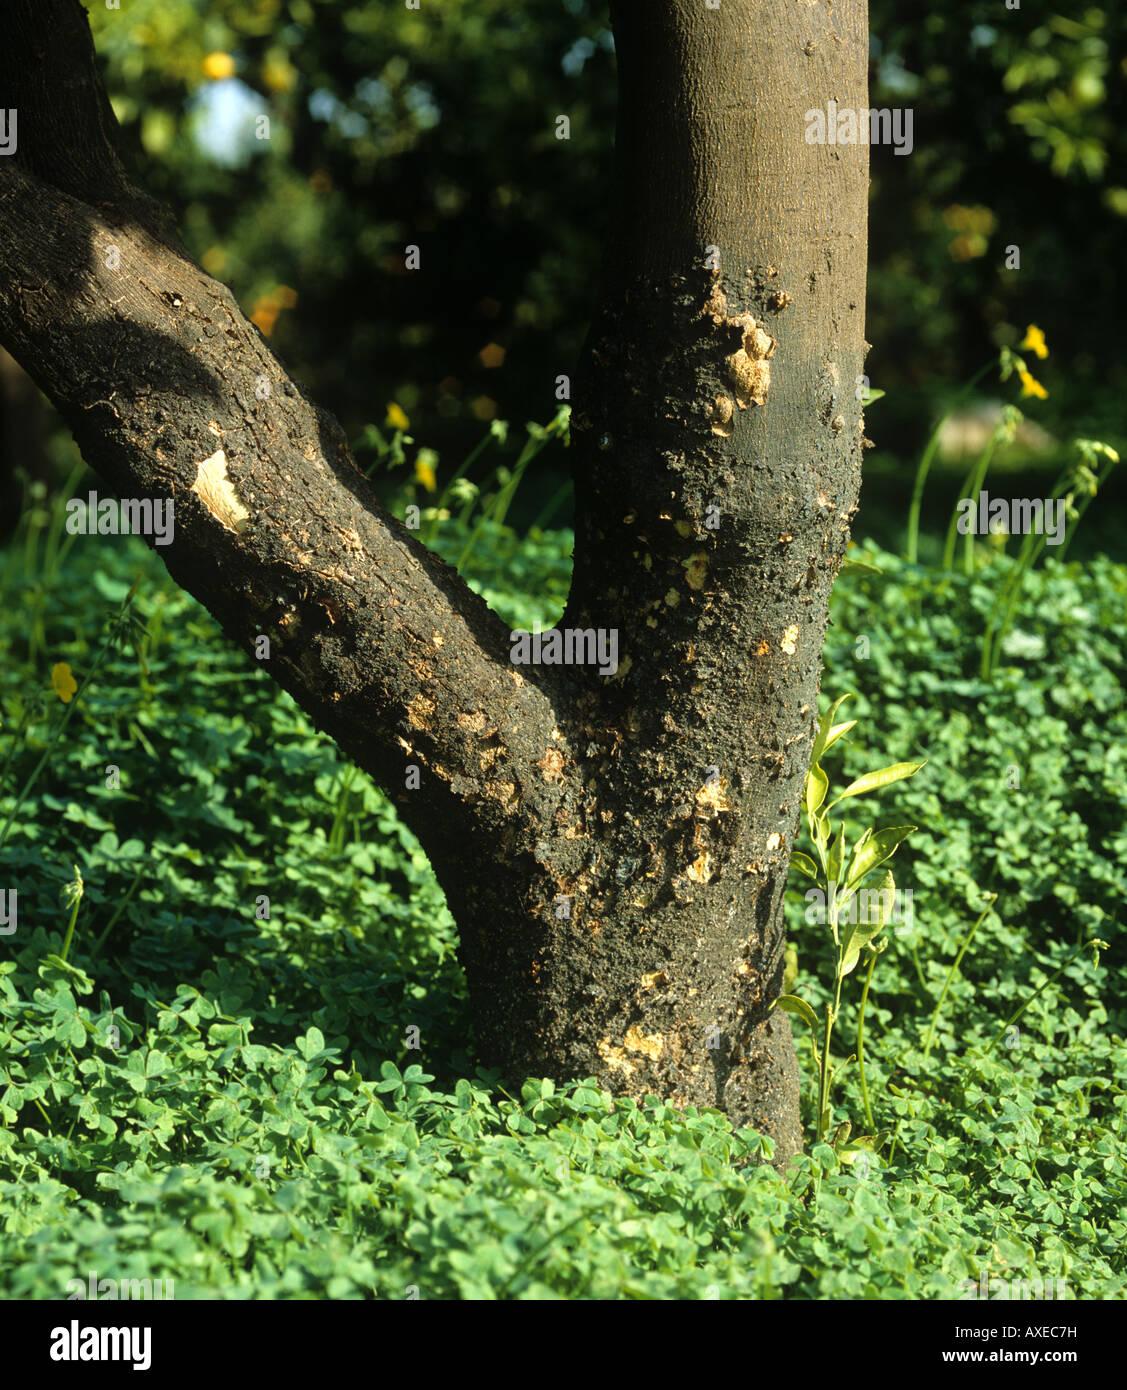 Corteza escamosa Citrus virus psorosis síntomas CSV en una corteza de árbol de cítricos Imagen De Stock